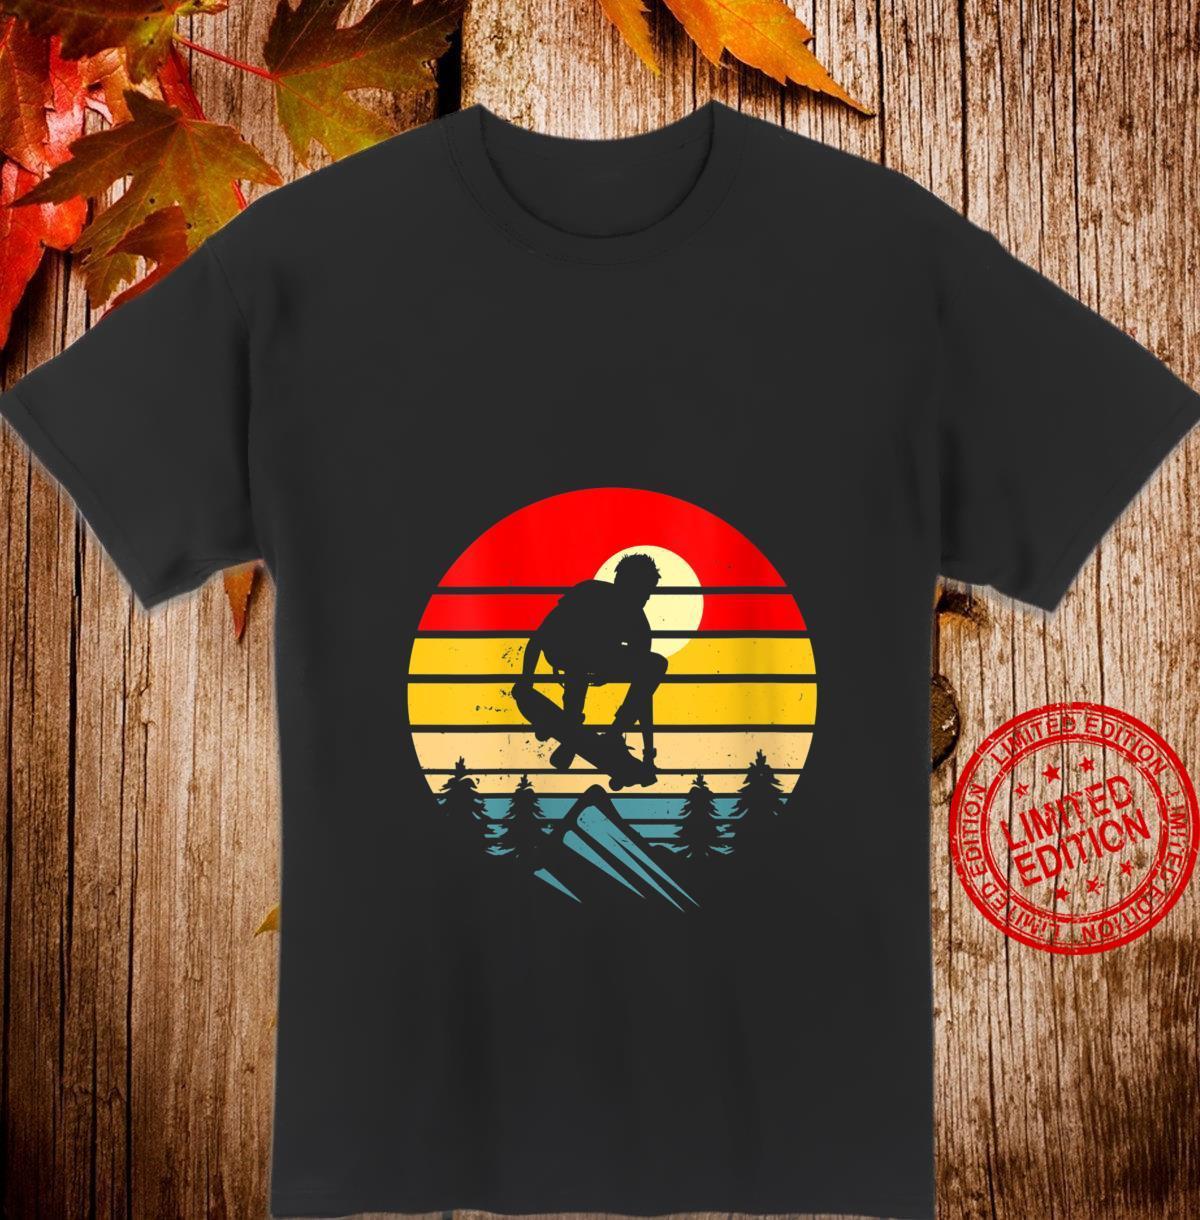 Womens Skateboarder Retro Skateboard Vintage Skateboarding Skater Shirt